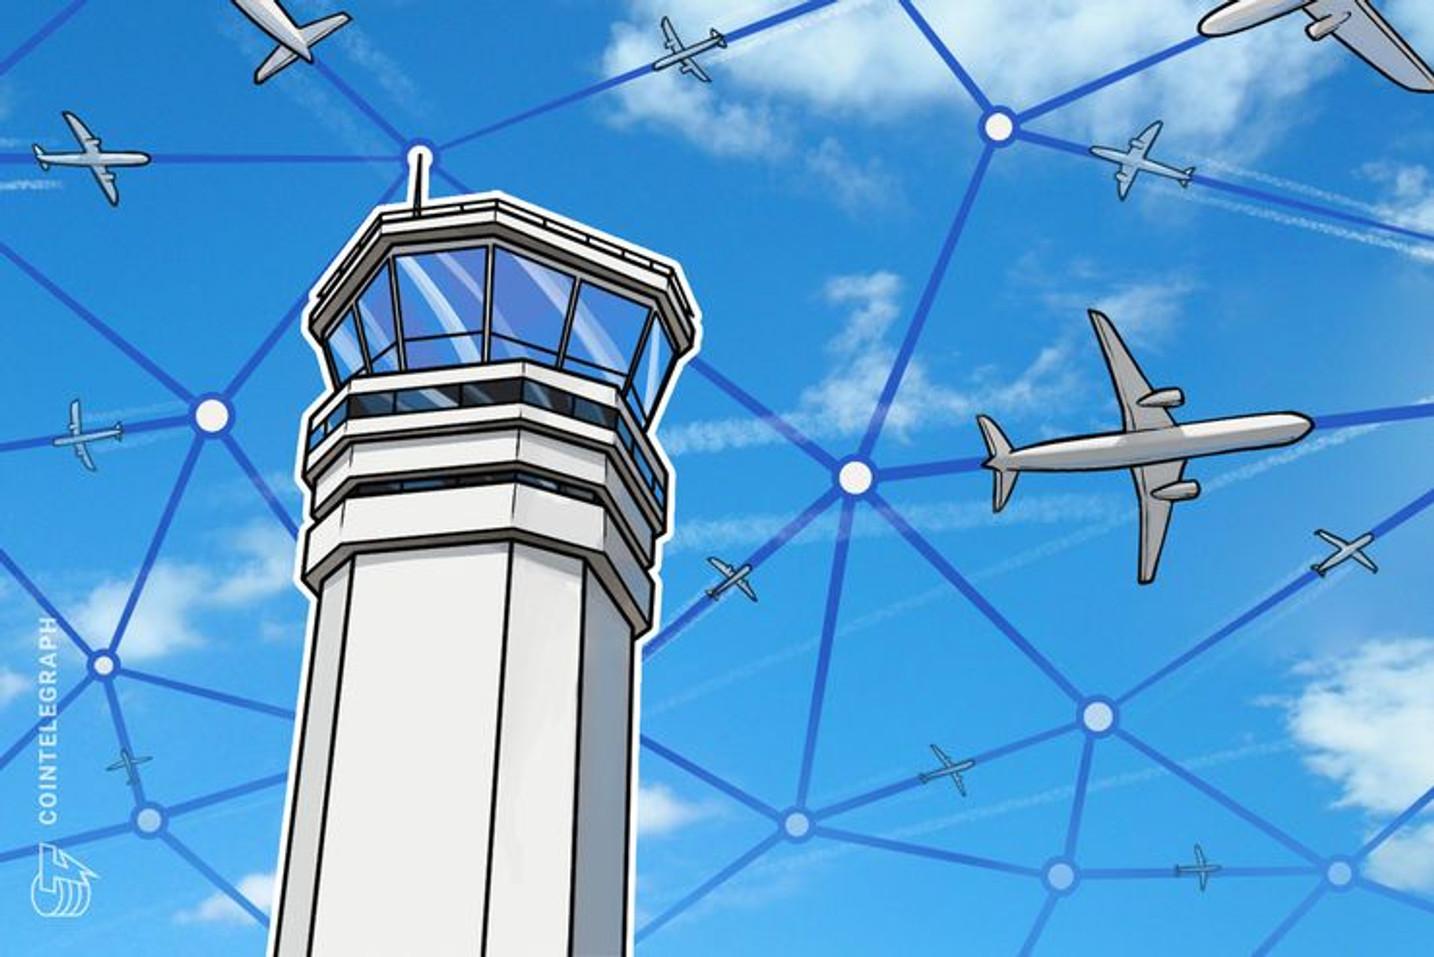 Desde la consultora PwC afirman que la tecnología blockchain tiene un gran potencial en el sector aeroespacial